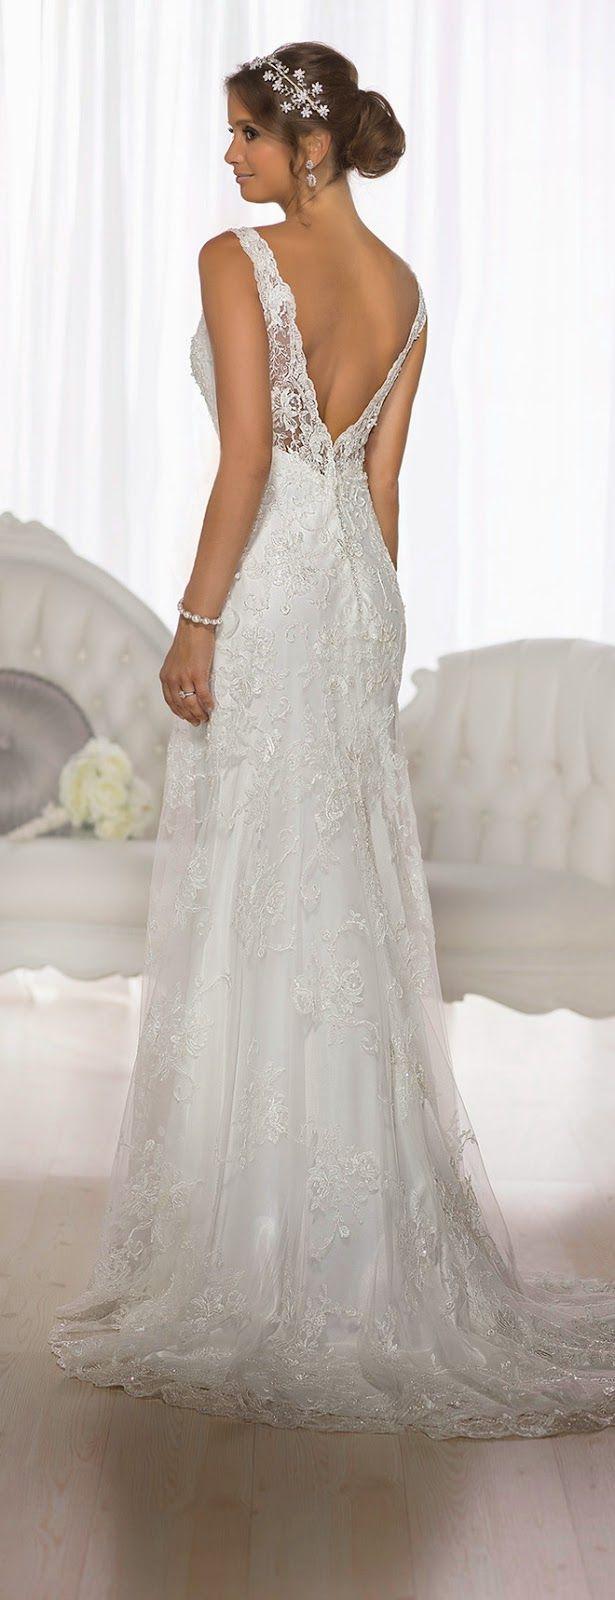 24 besten Hochzeit Kleider Bilder auf Pinterest | Kleid hochzeit ...